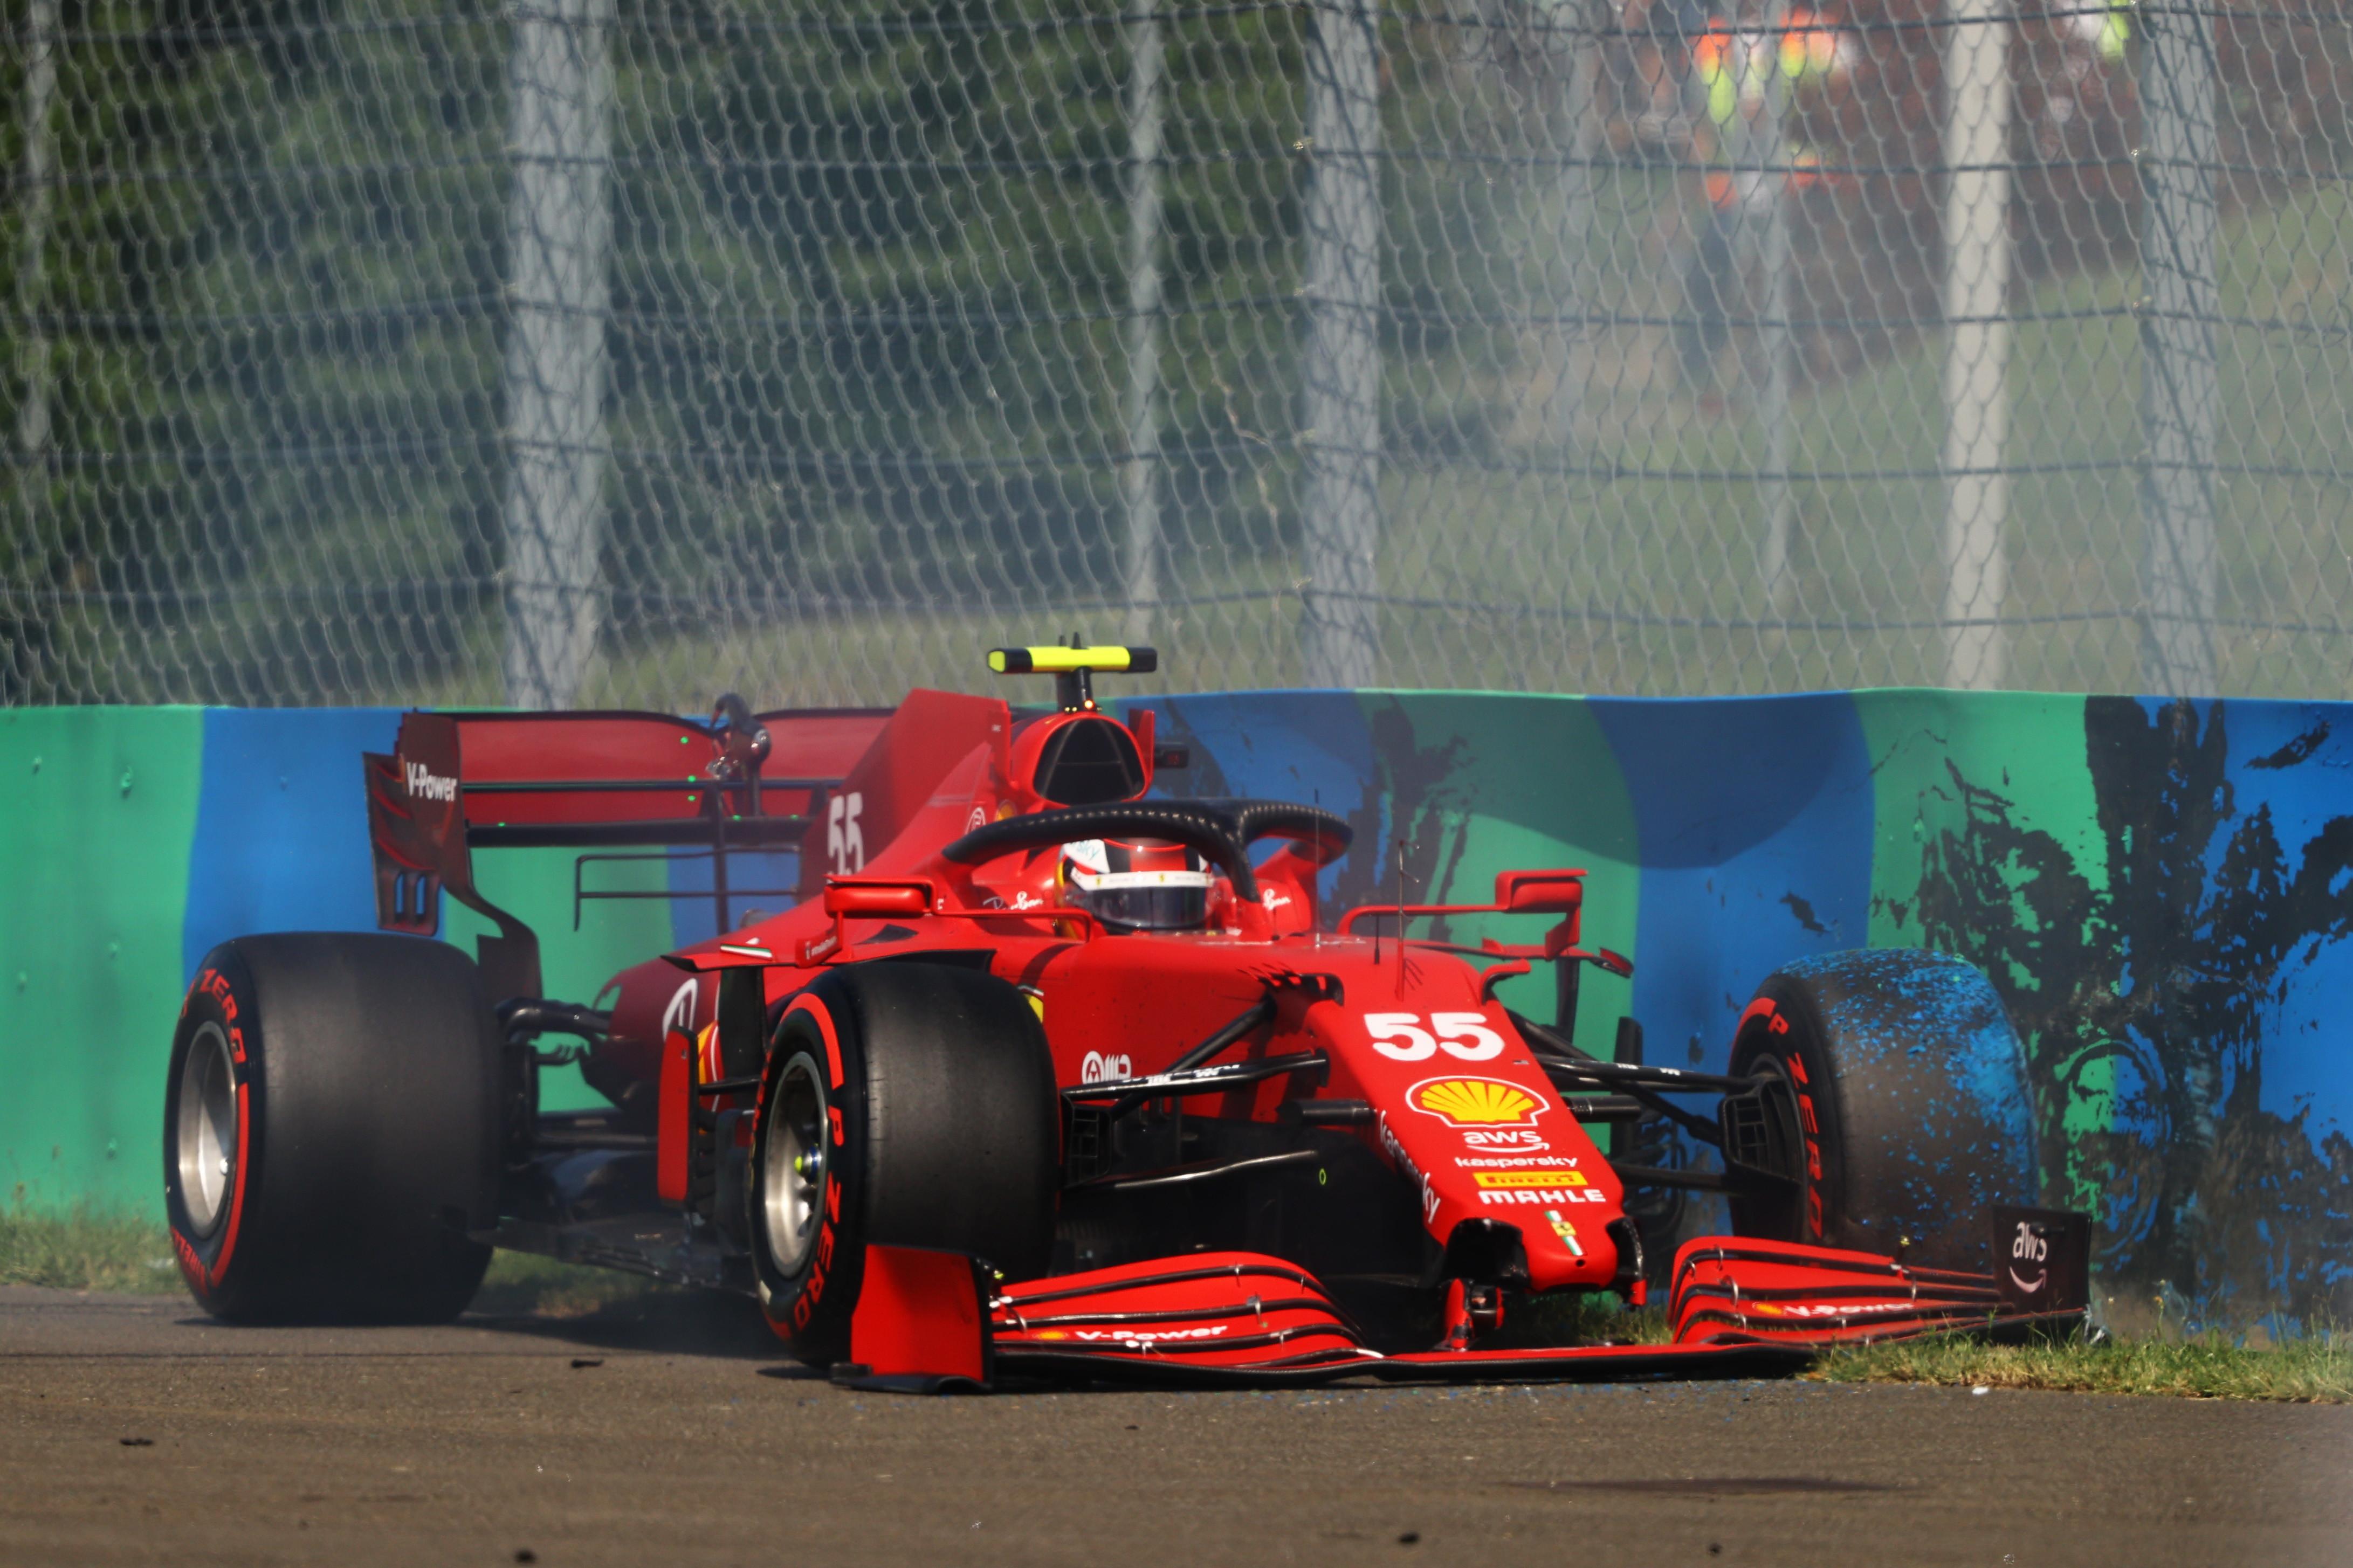 Guai per lo spagnolo Carlos Sainz nel corso del Q2: il ferrarista perde il controllo della SF21 e si schianta contro il muro, monoposto danneggiata e addio alla possibilit&agrave; di conquistare la pole in Ungheria. Sainz partir&agrave; 15&deg;.<br /><br />